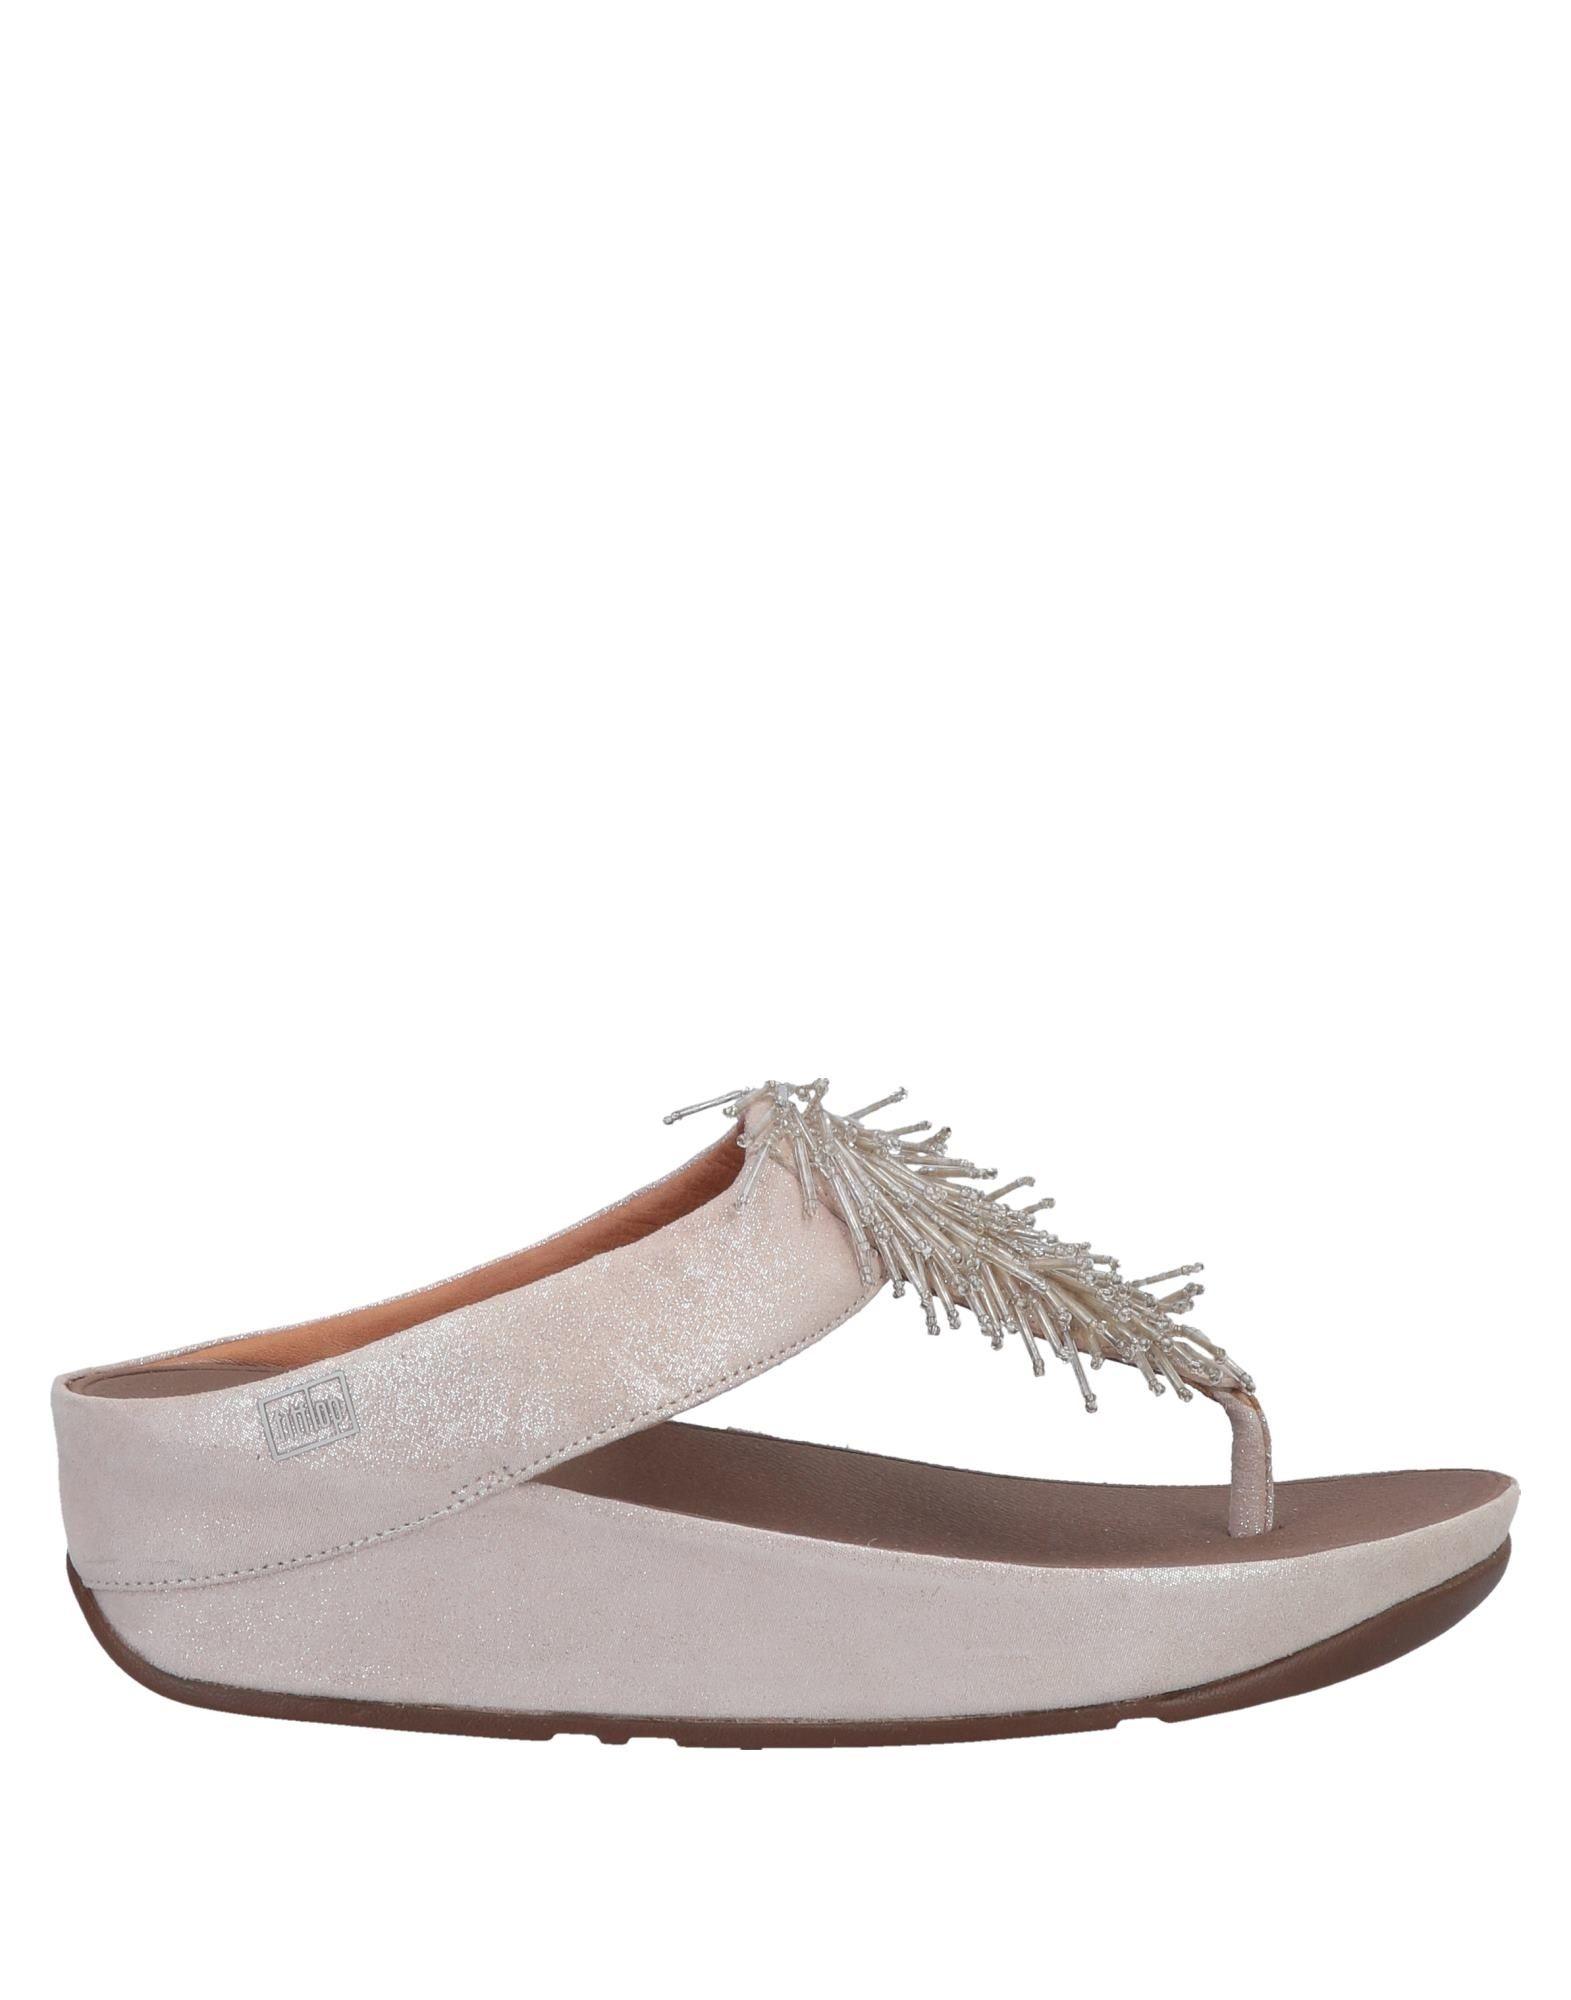 Fitflop Slippers Flip flops